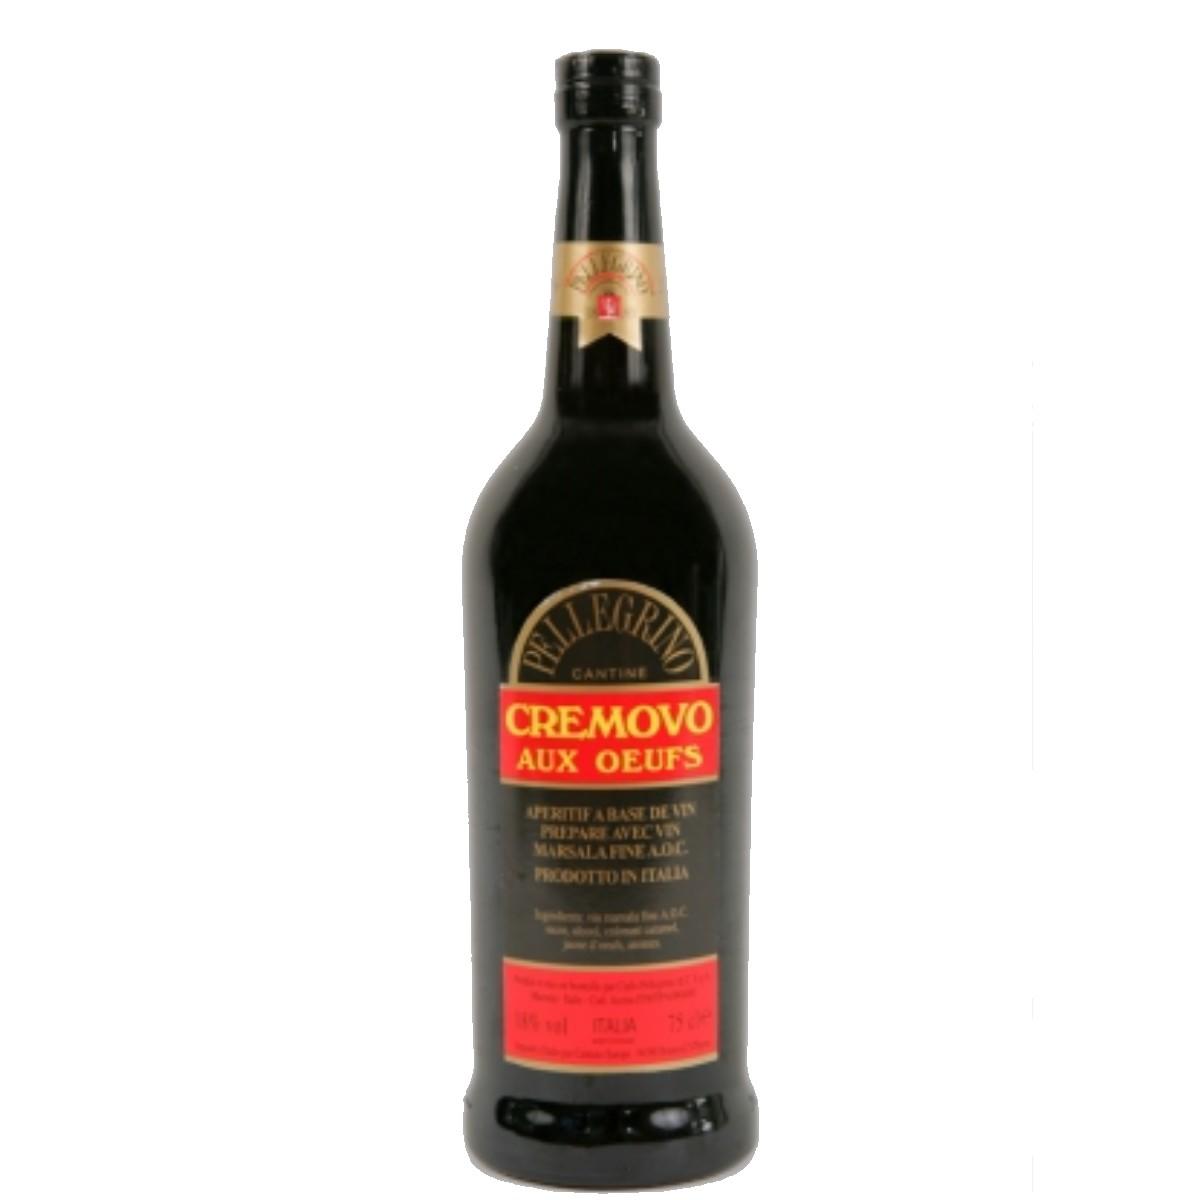 Marsala aux oeufs - Cremovo - Pellegrino (75 cl)